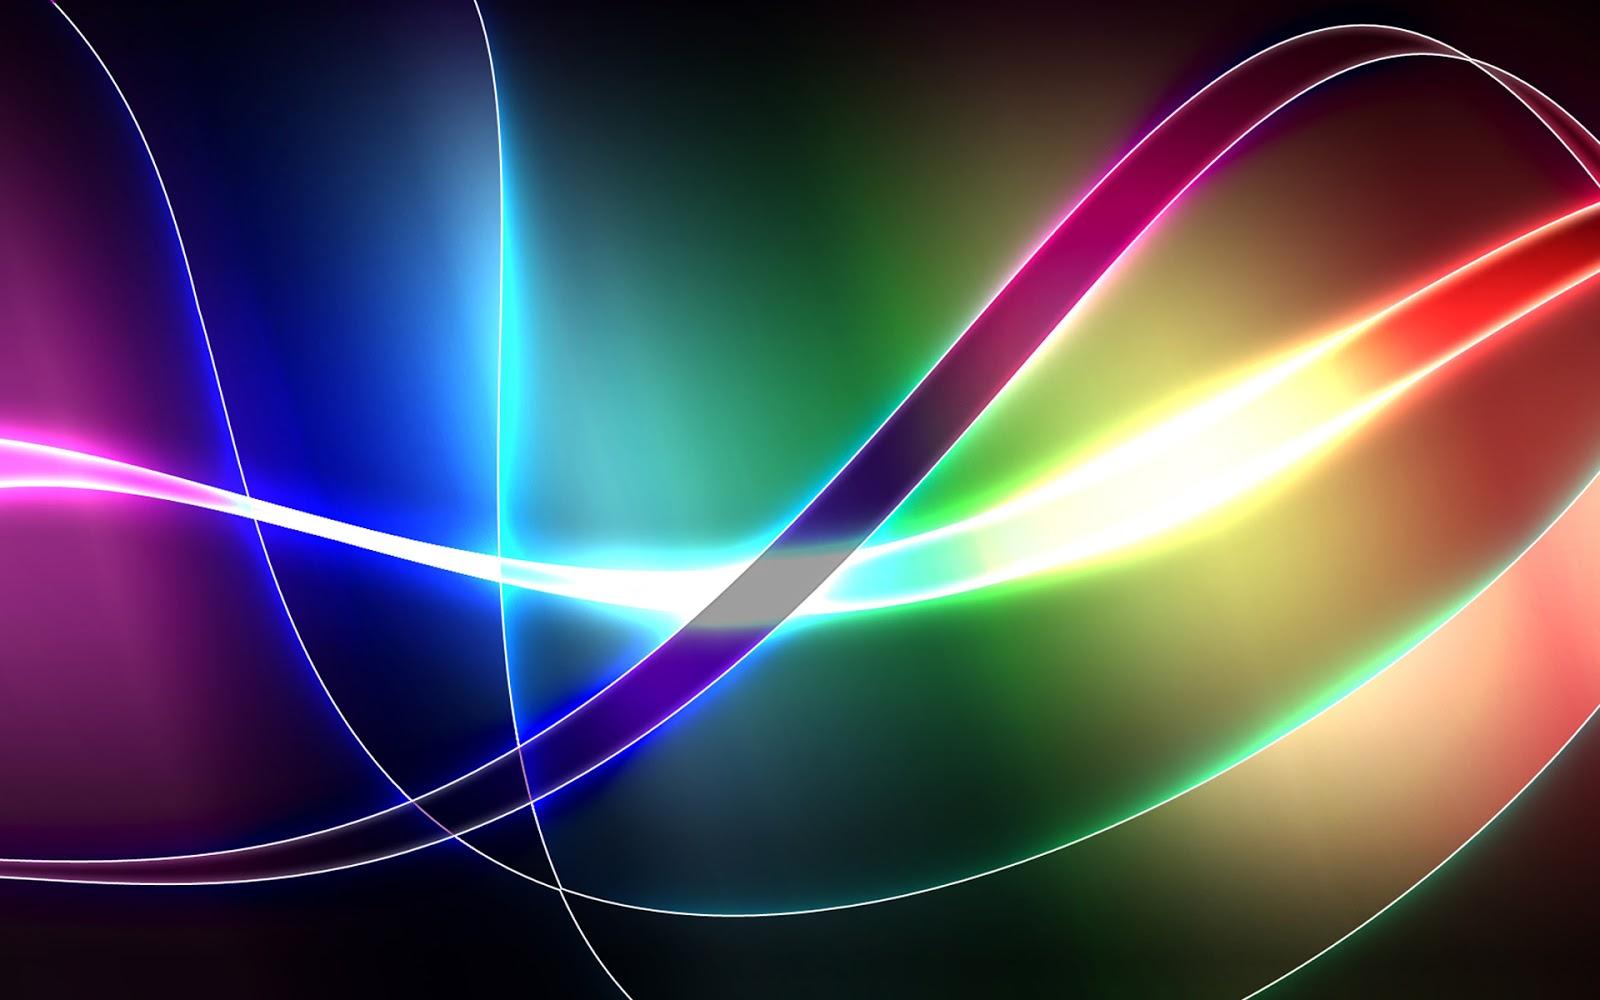 http://2.bp.blogspot.com/_Gq1jO6iuU2U/TSfOeRj72XI/AAAAAAAAHUw/oRQ2M4Gteqk/s1600/abstract+hd+wallpaper_elemental_1920x1200.jpg